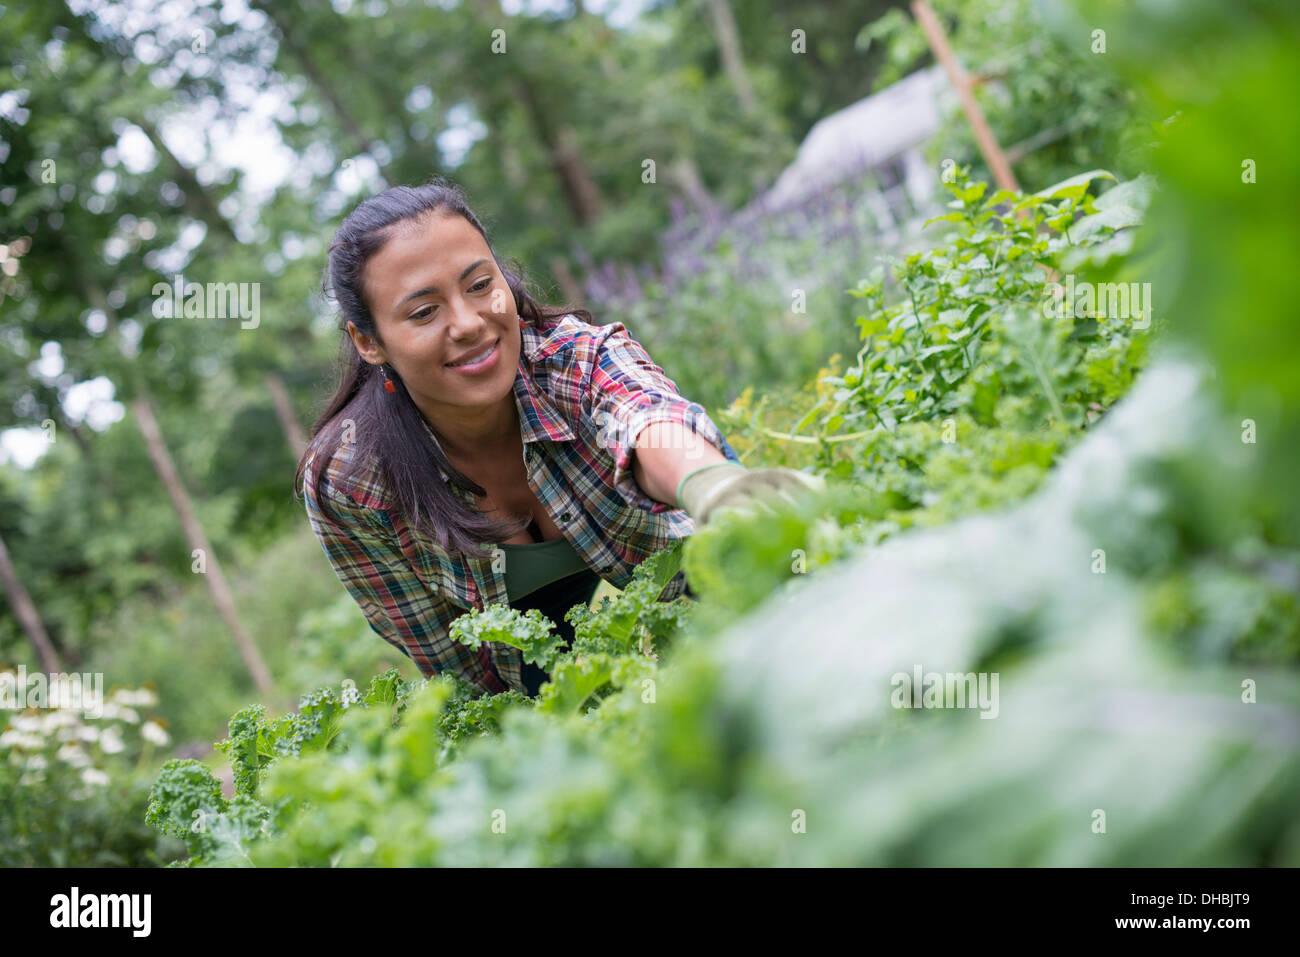 Una mujer recostada a recoger las hierbas frescas y verduras en un jardín. Imagen De Stock